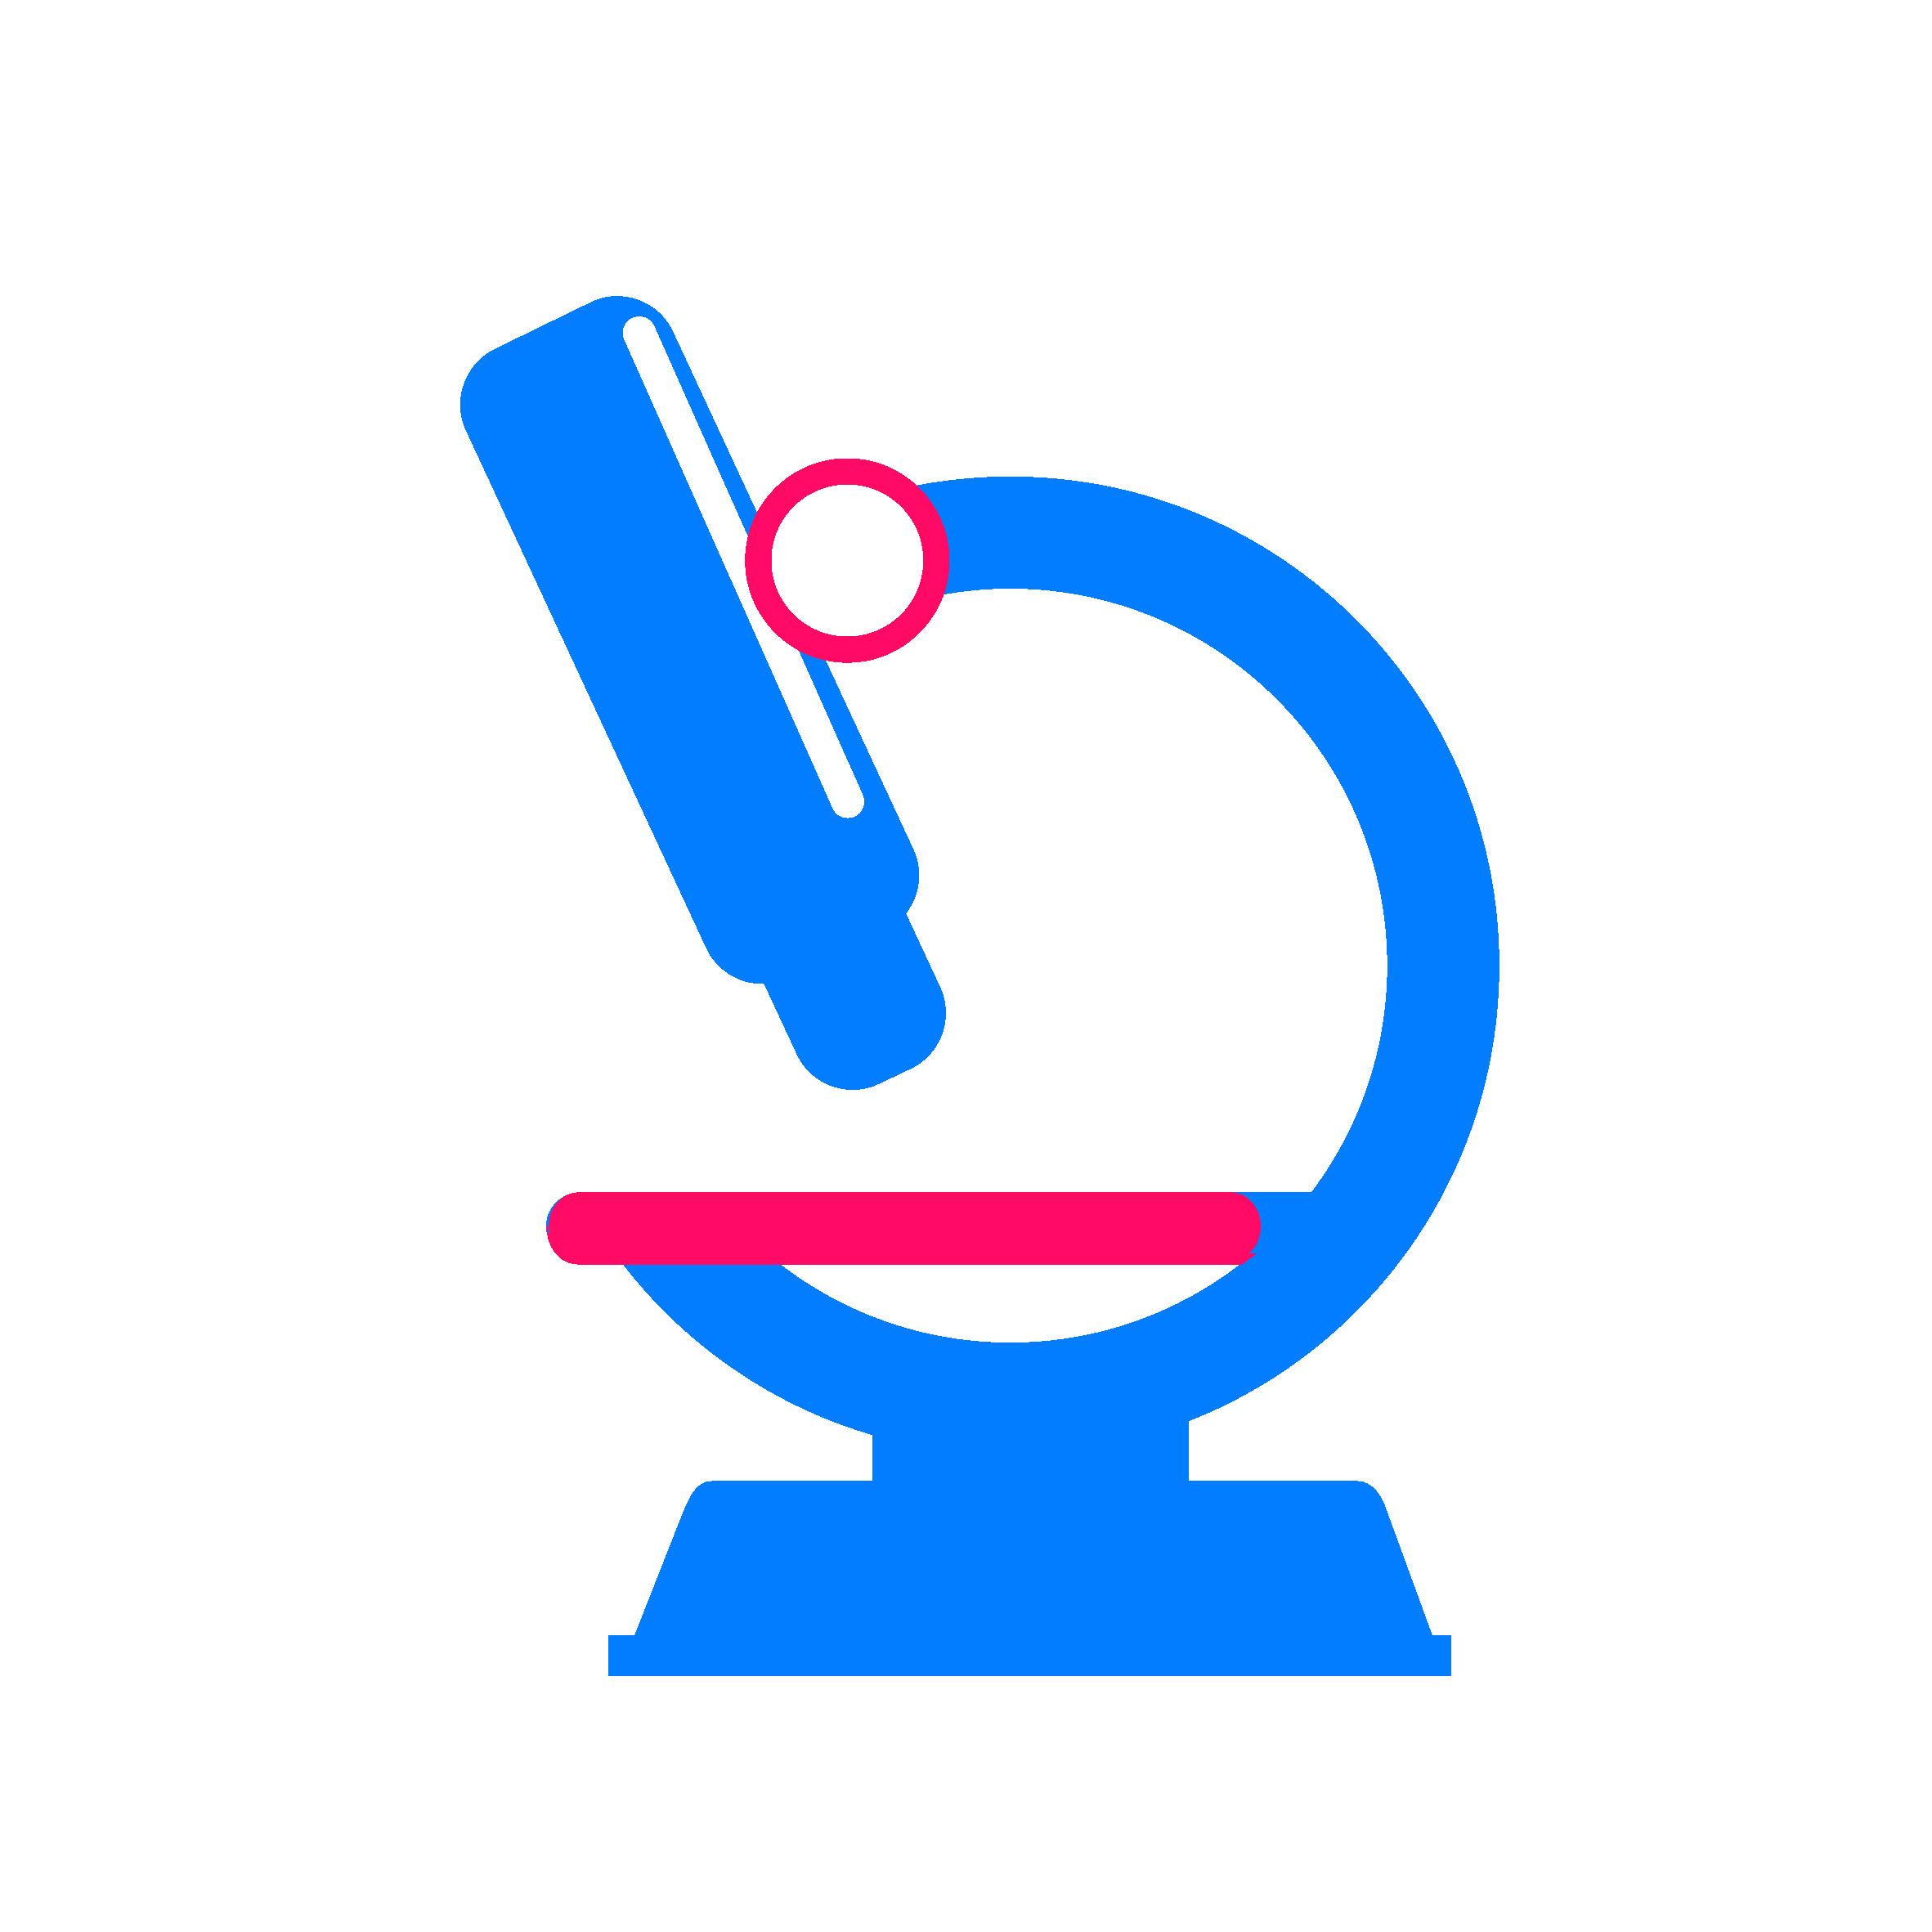 ikona_mikroskop